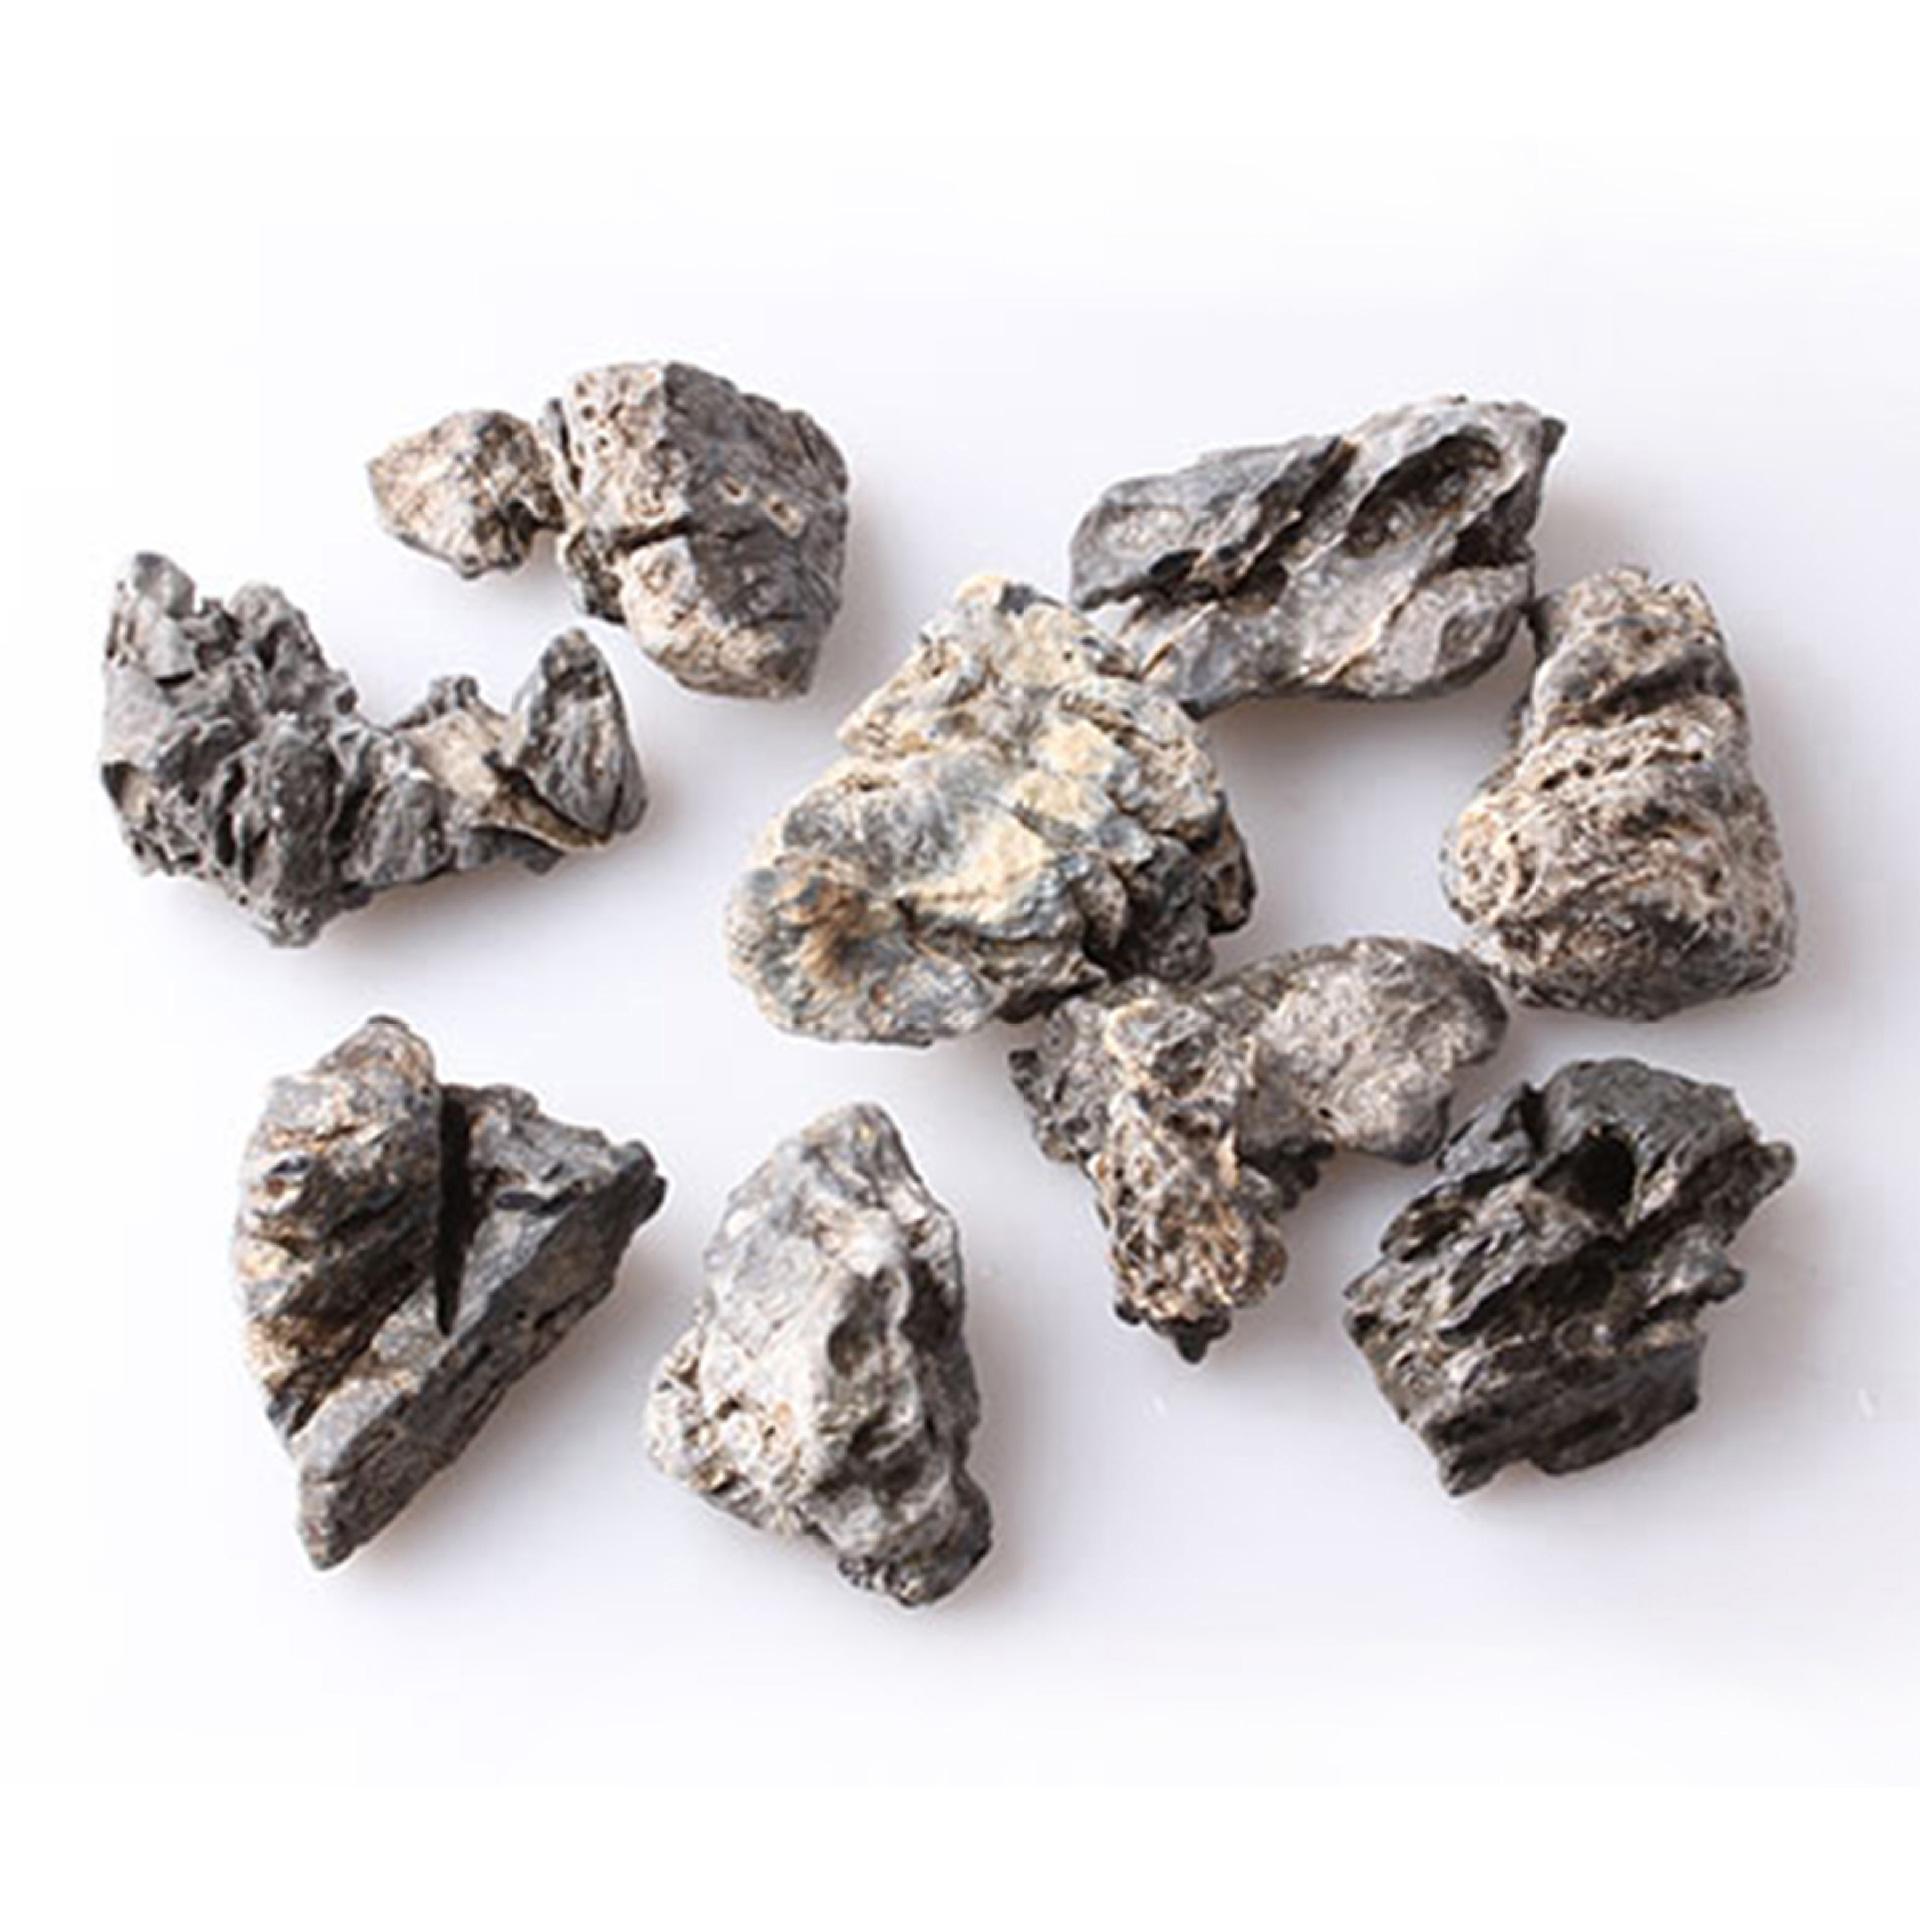 CTGF Cảnh quan Mini Rêu vi sinh thái cảnh quan chai trang trí đá Qinglong đá đá nhỏ đá DIY lắp ráp t